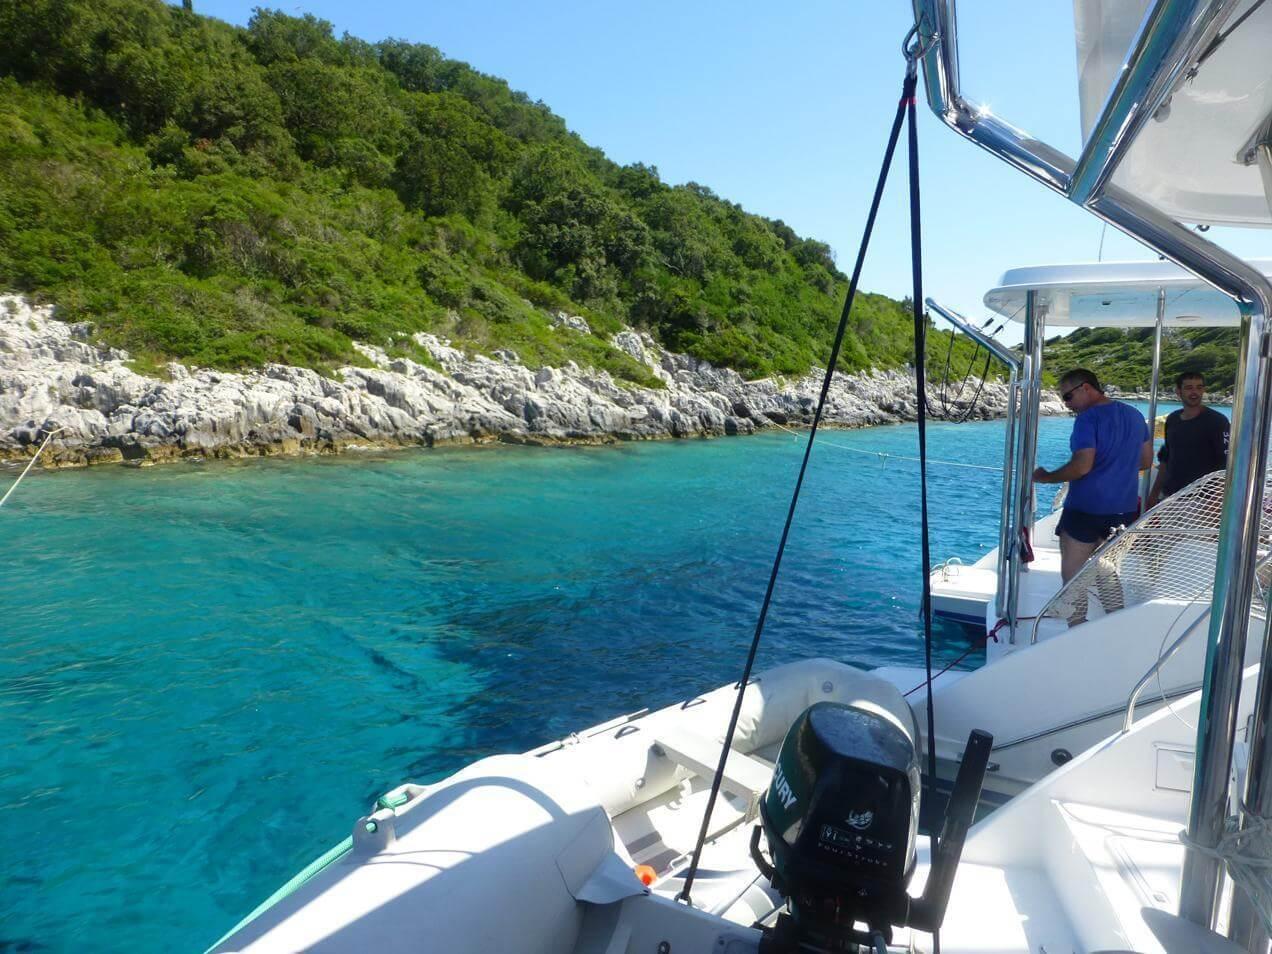 הפלגה לקורפו ביוון - דייג